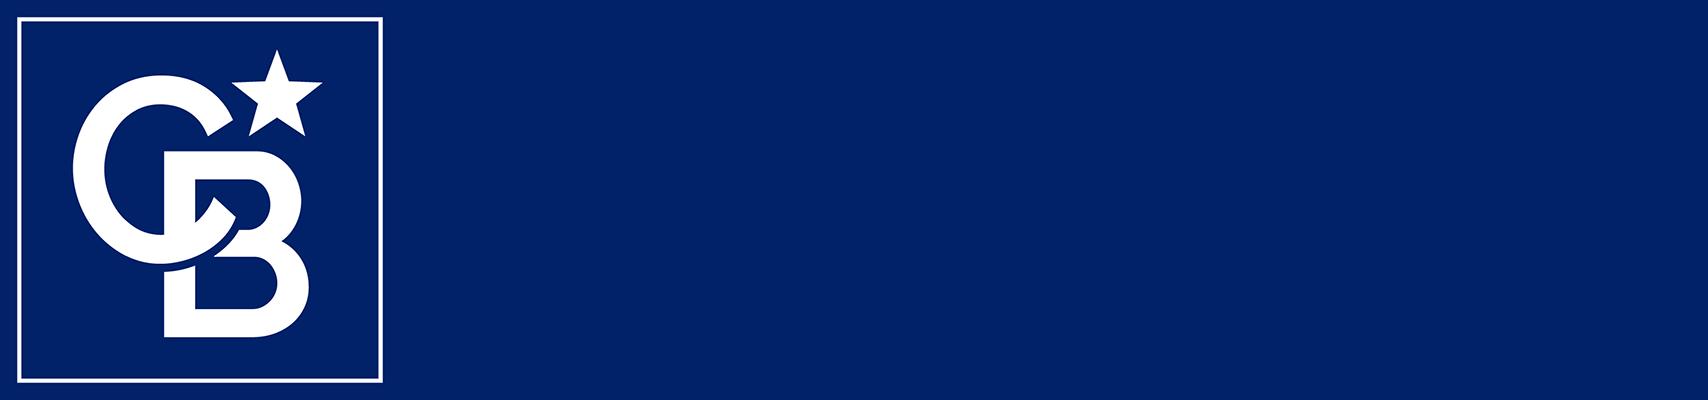 Gwen Benson - Coldwell Banker Select Logo